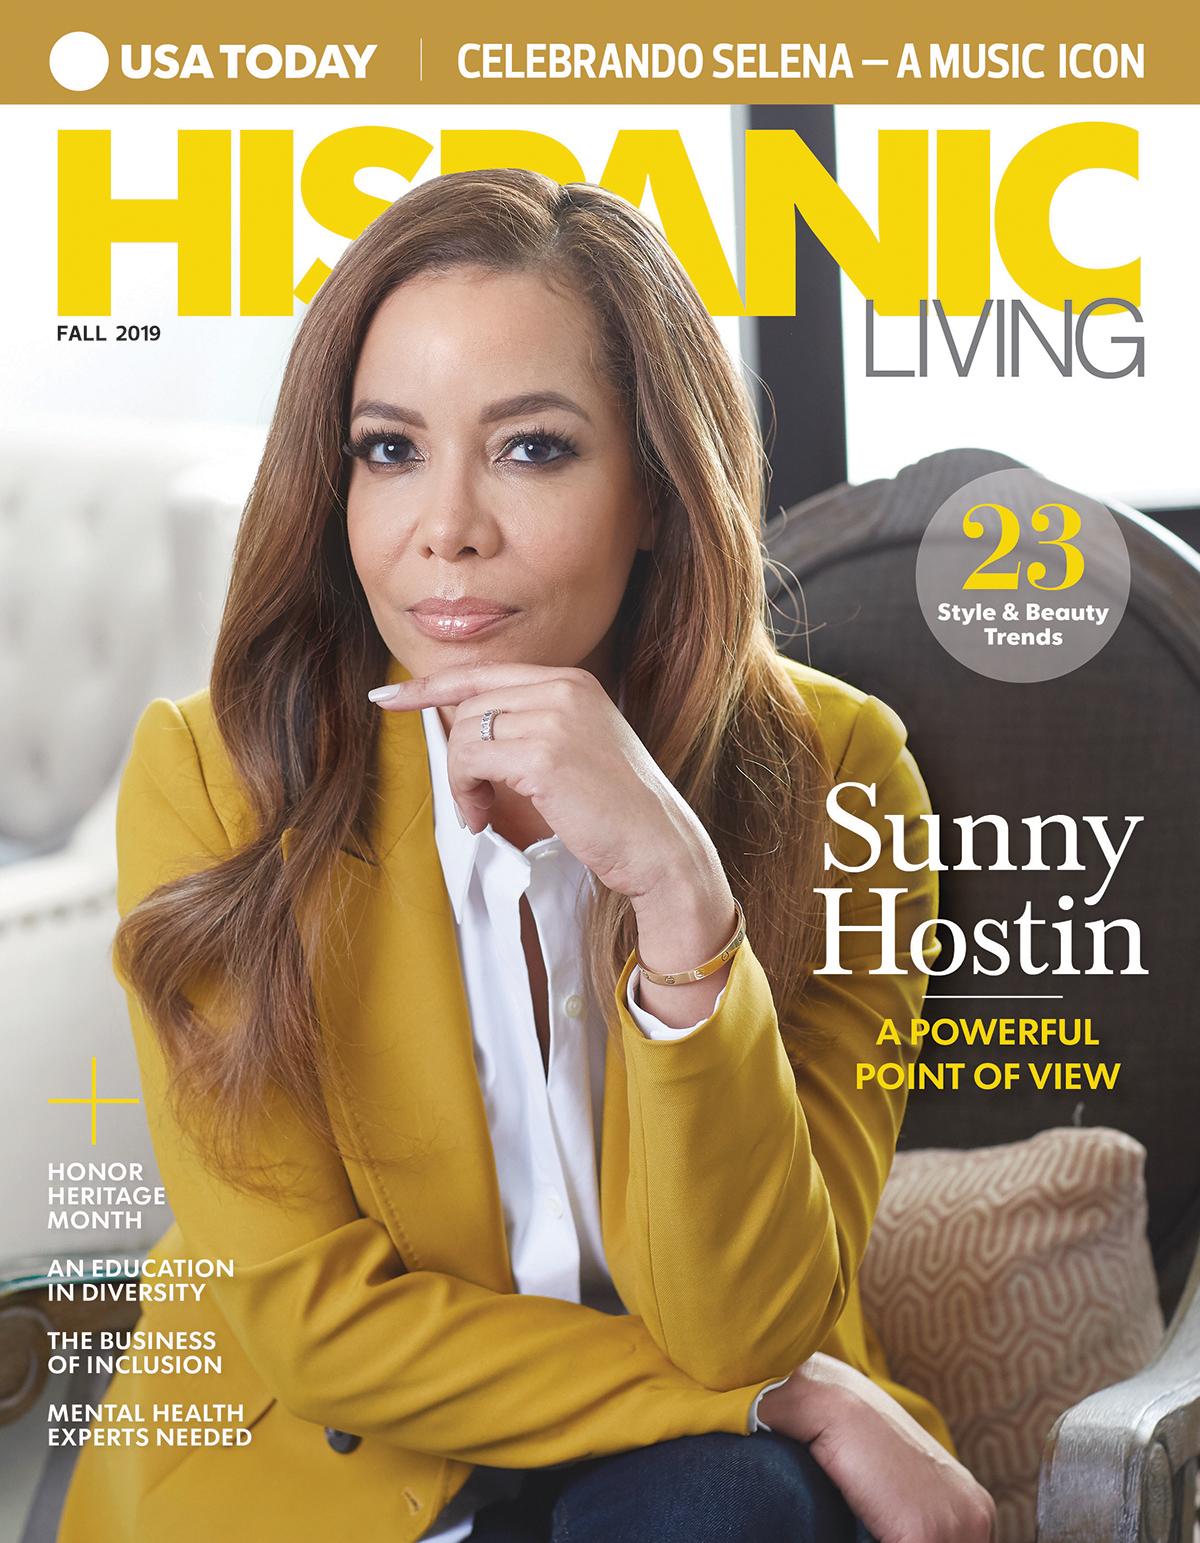 HL_Mini_COVER.jpg